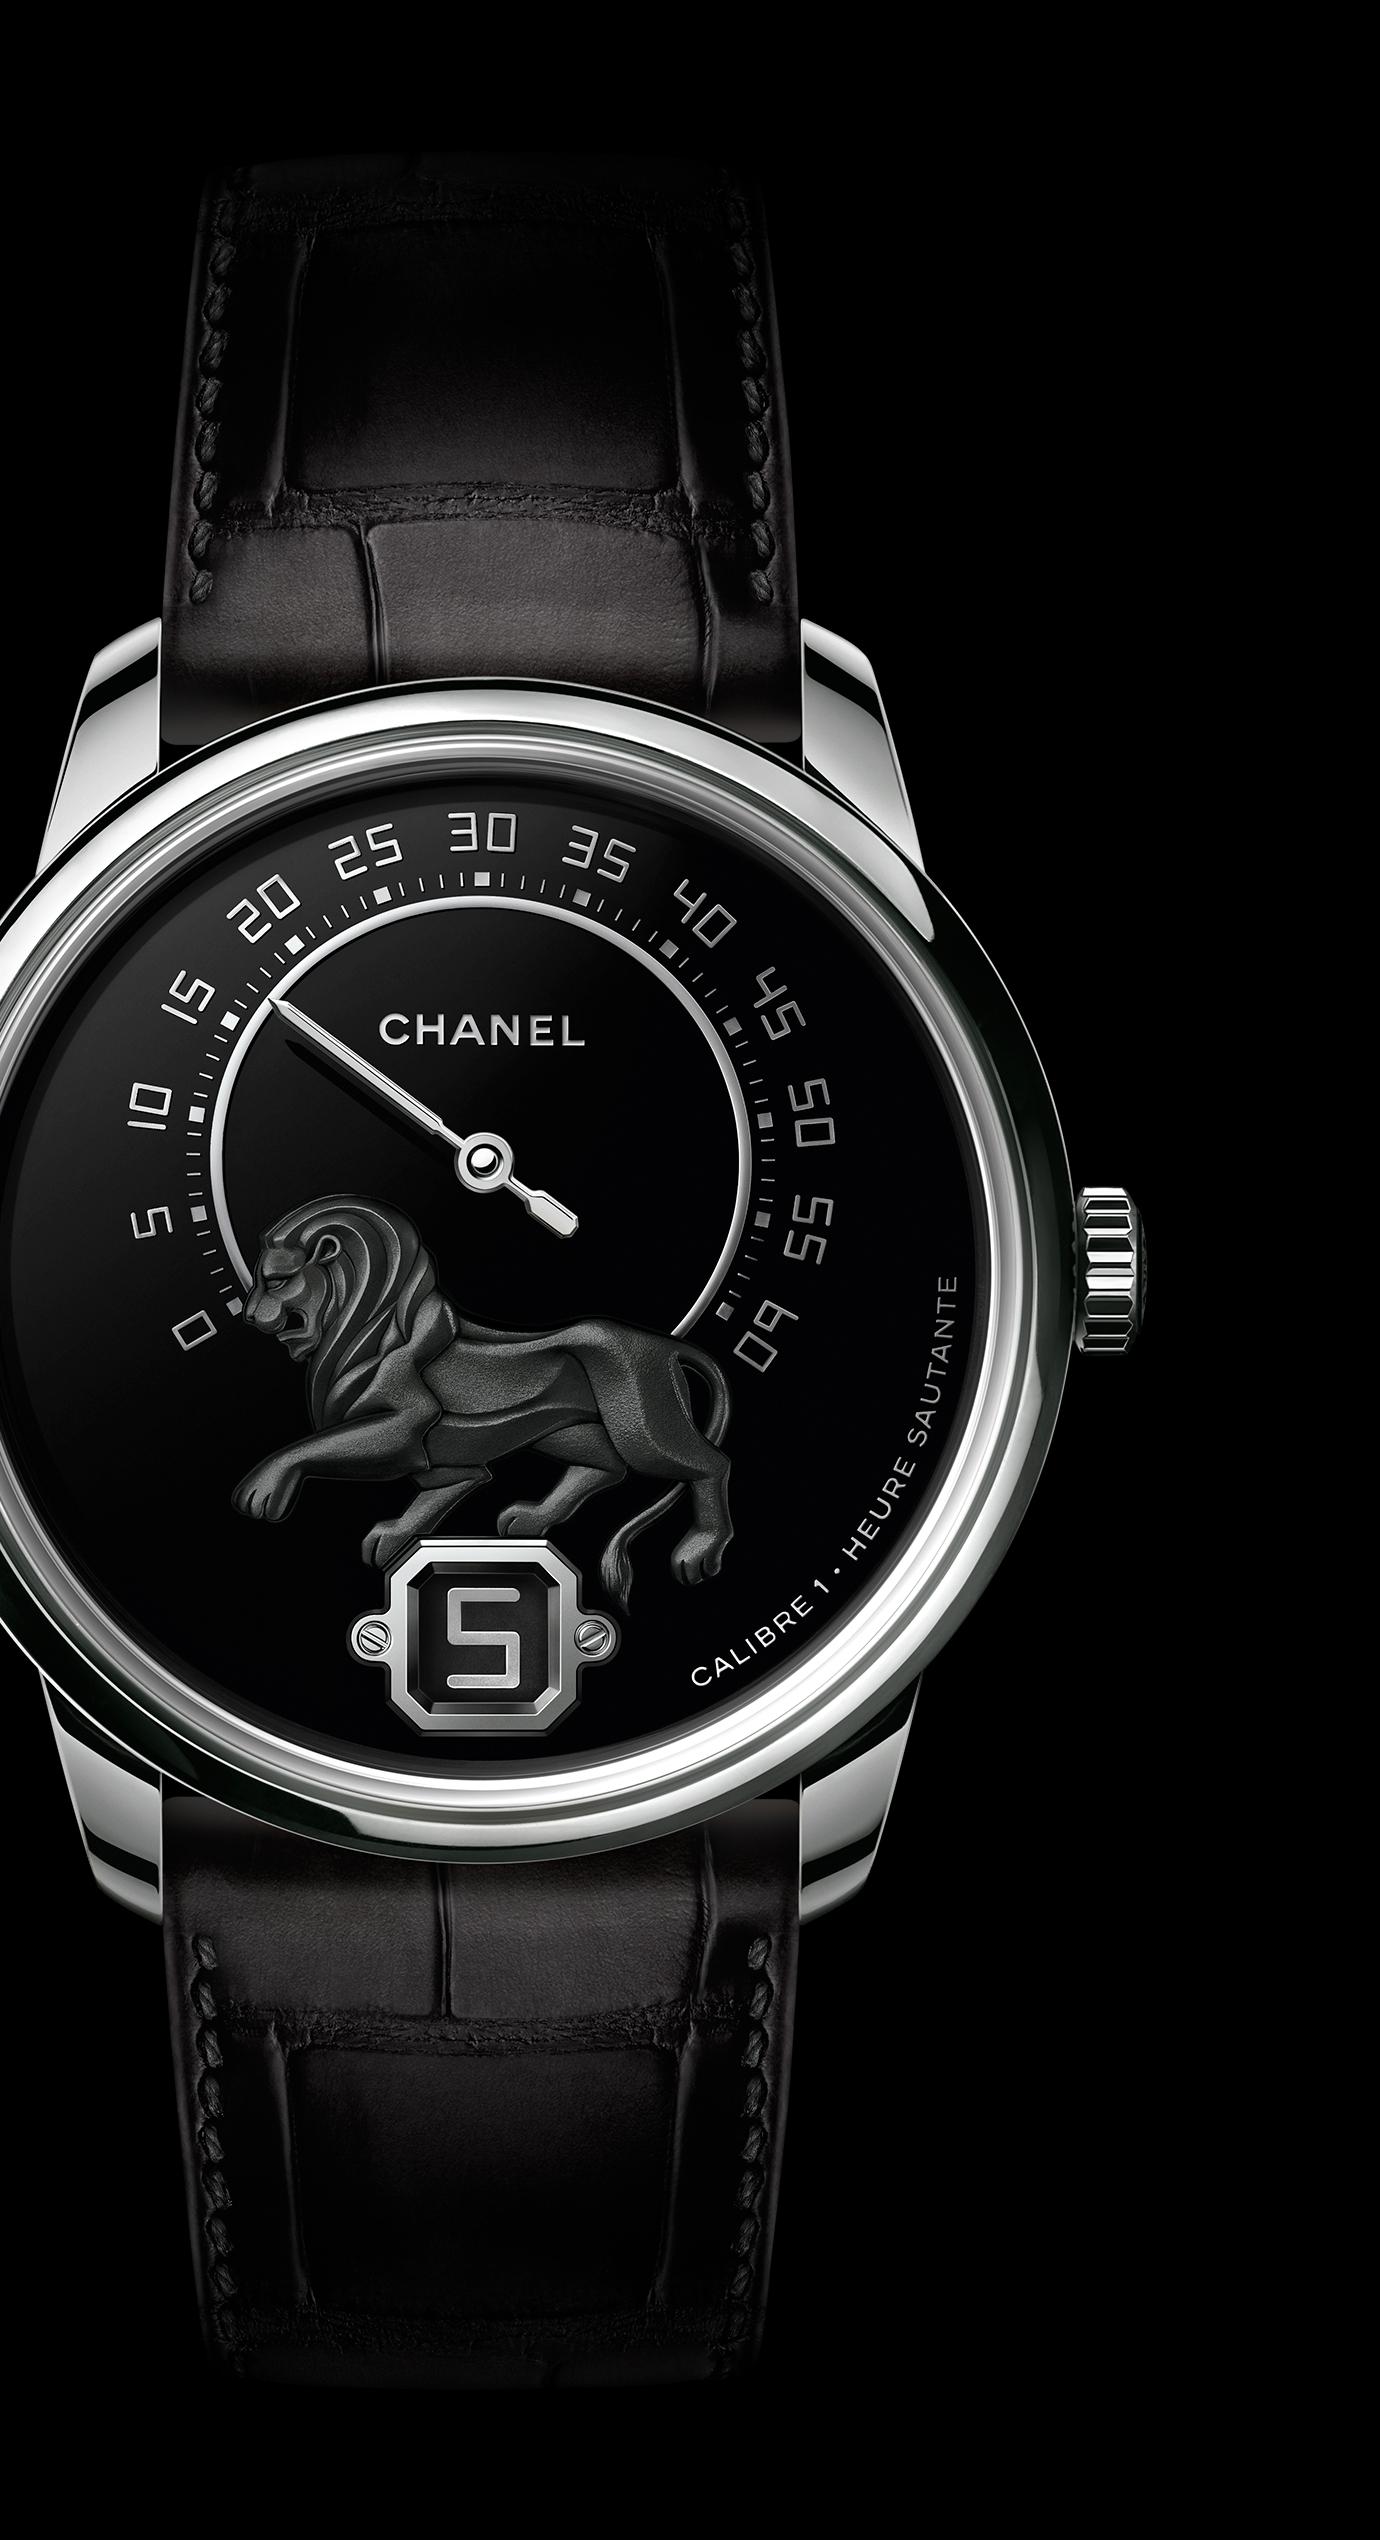 Часы MONSIEUR DE CHANEL, Белое золото, бриллианты багетной огранки, техника горячей эмали, мотив льва из рельефного золота, функция прыгающего часа, ретроградный механизм индикации минут со шкалой на 240 градусов - Увеличенный вид